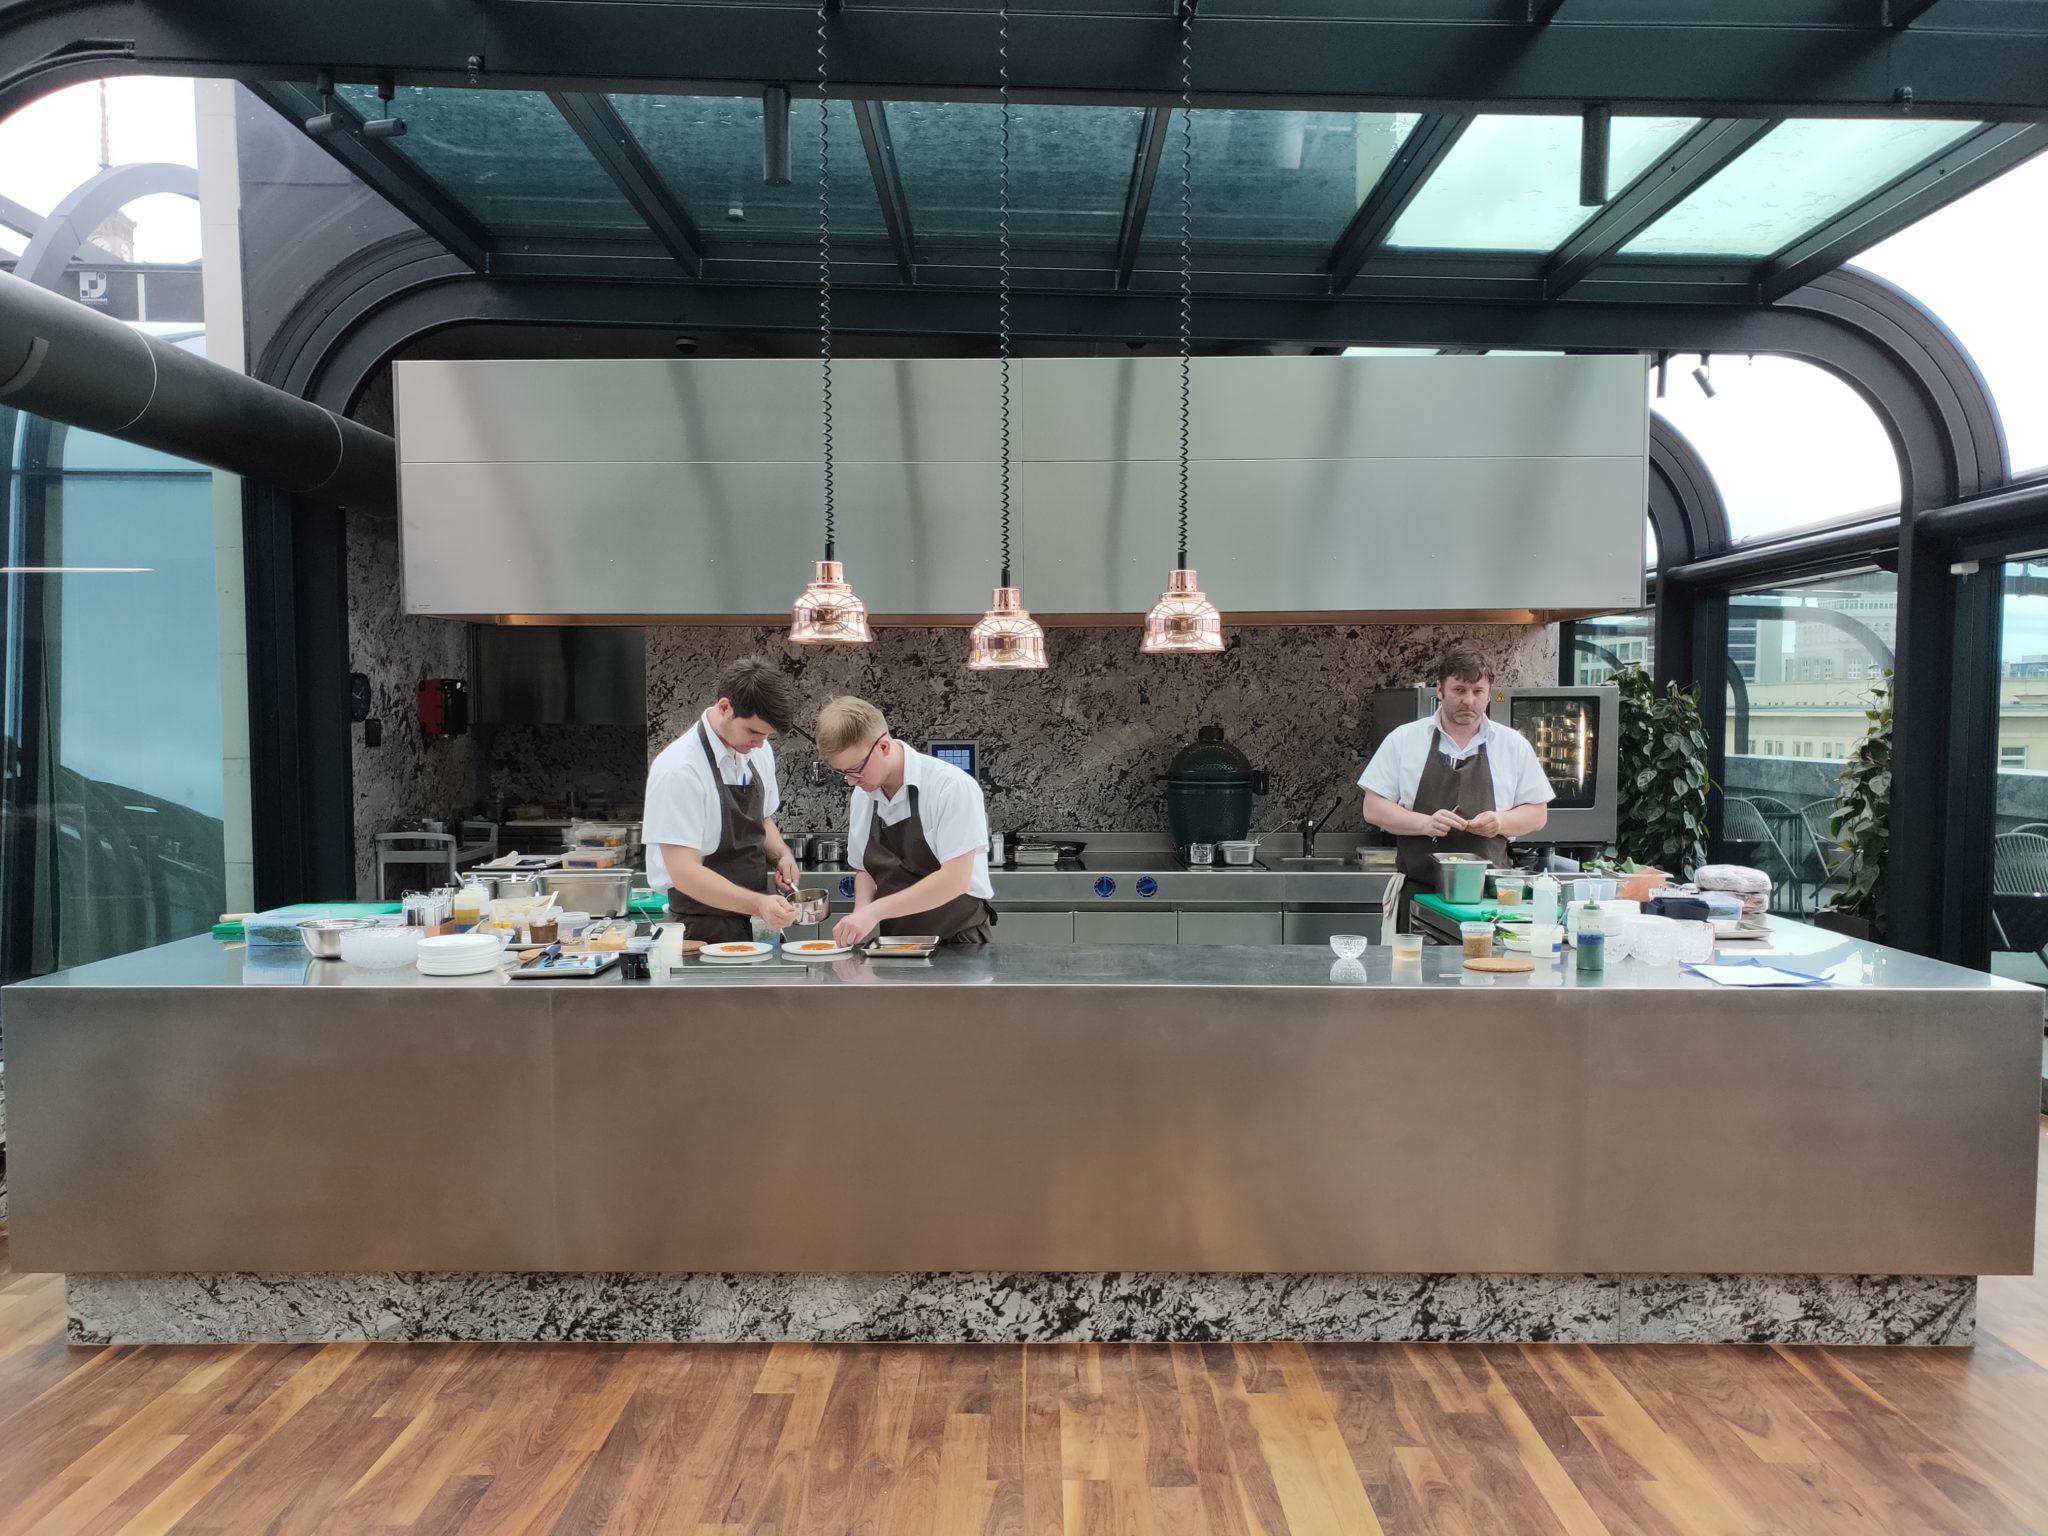 Widok otwartej kuchni w restauracji